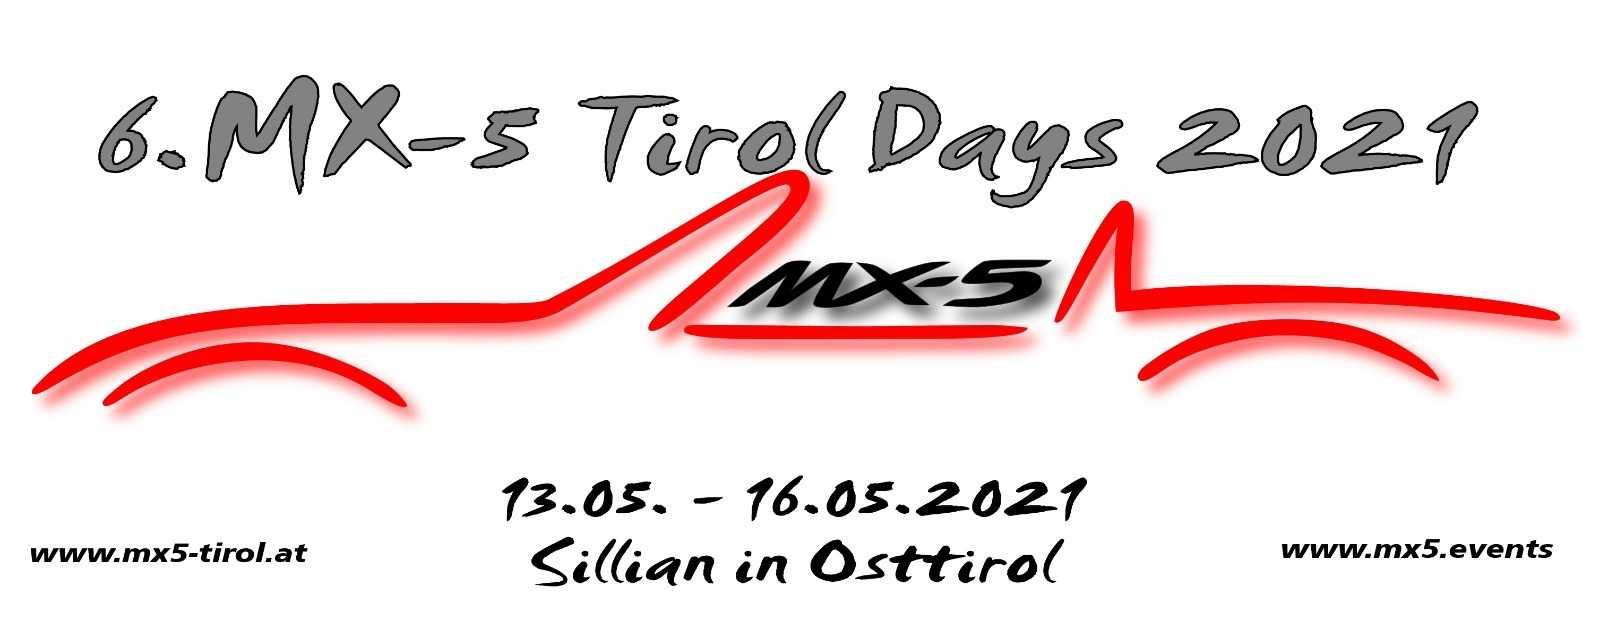 Tirol Days 2021